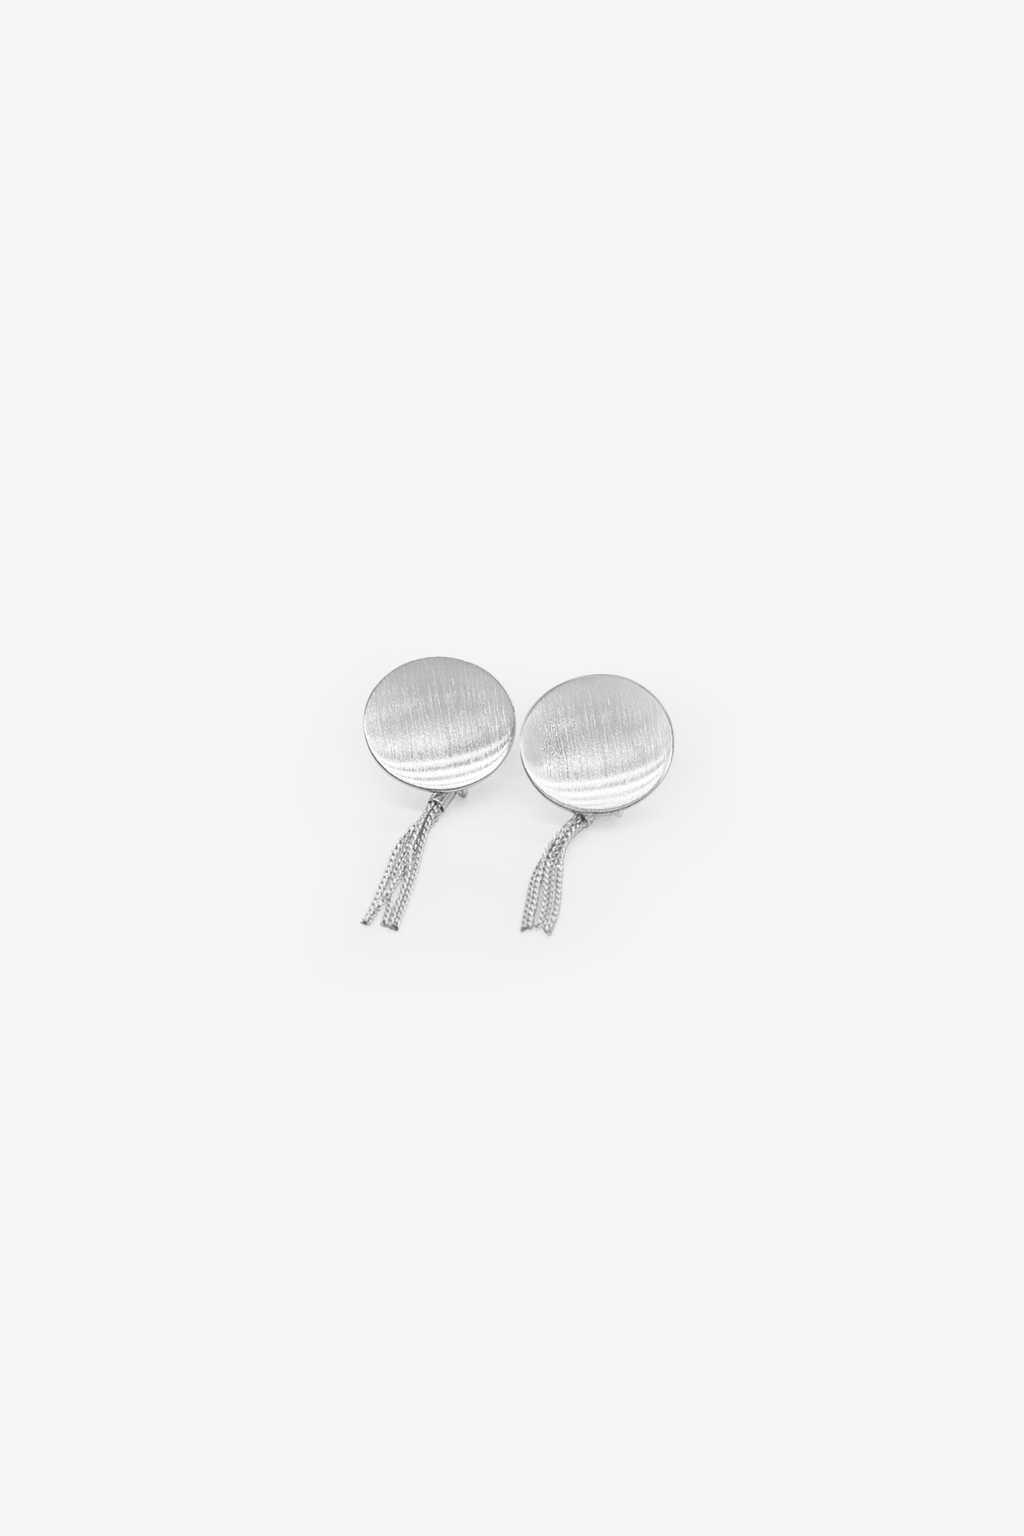 Earring H100 Silver 1